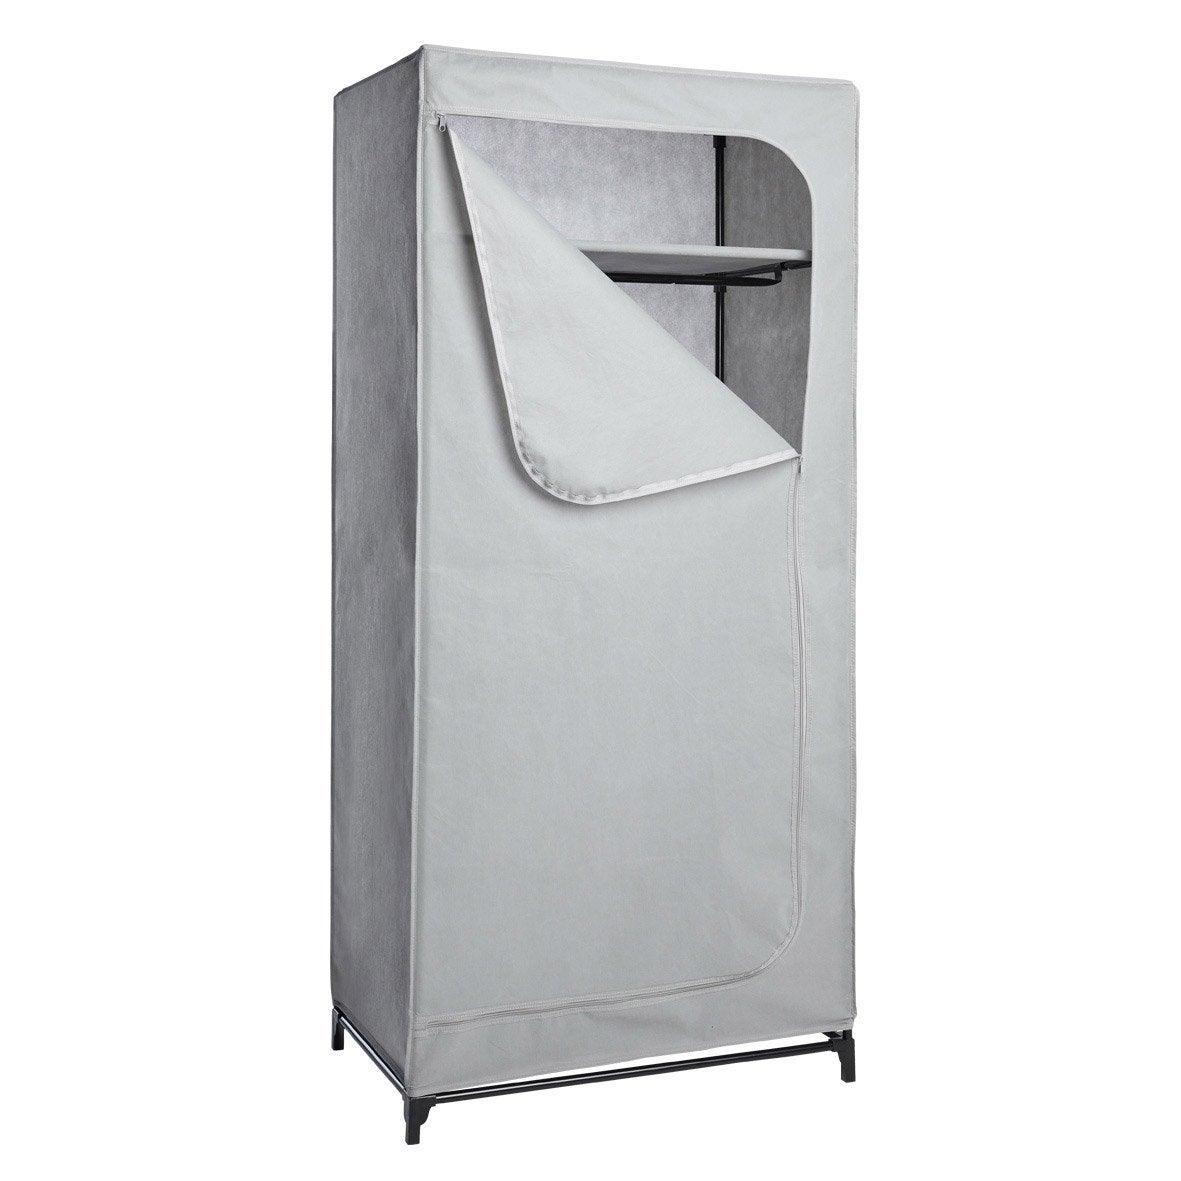 penderie housse gris acier et intiss spaceo x x cm leroy merlin. Black Bedroom Furniture Sets. Home Design Ideas